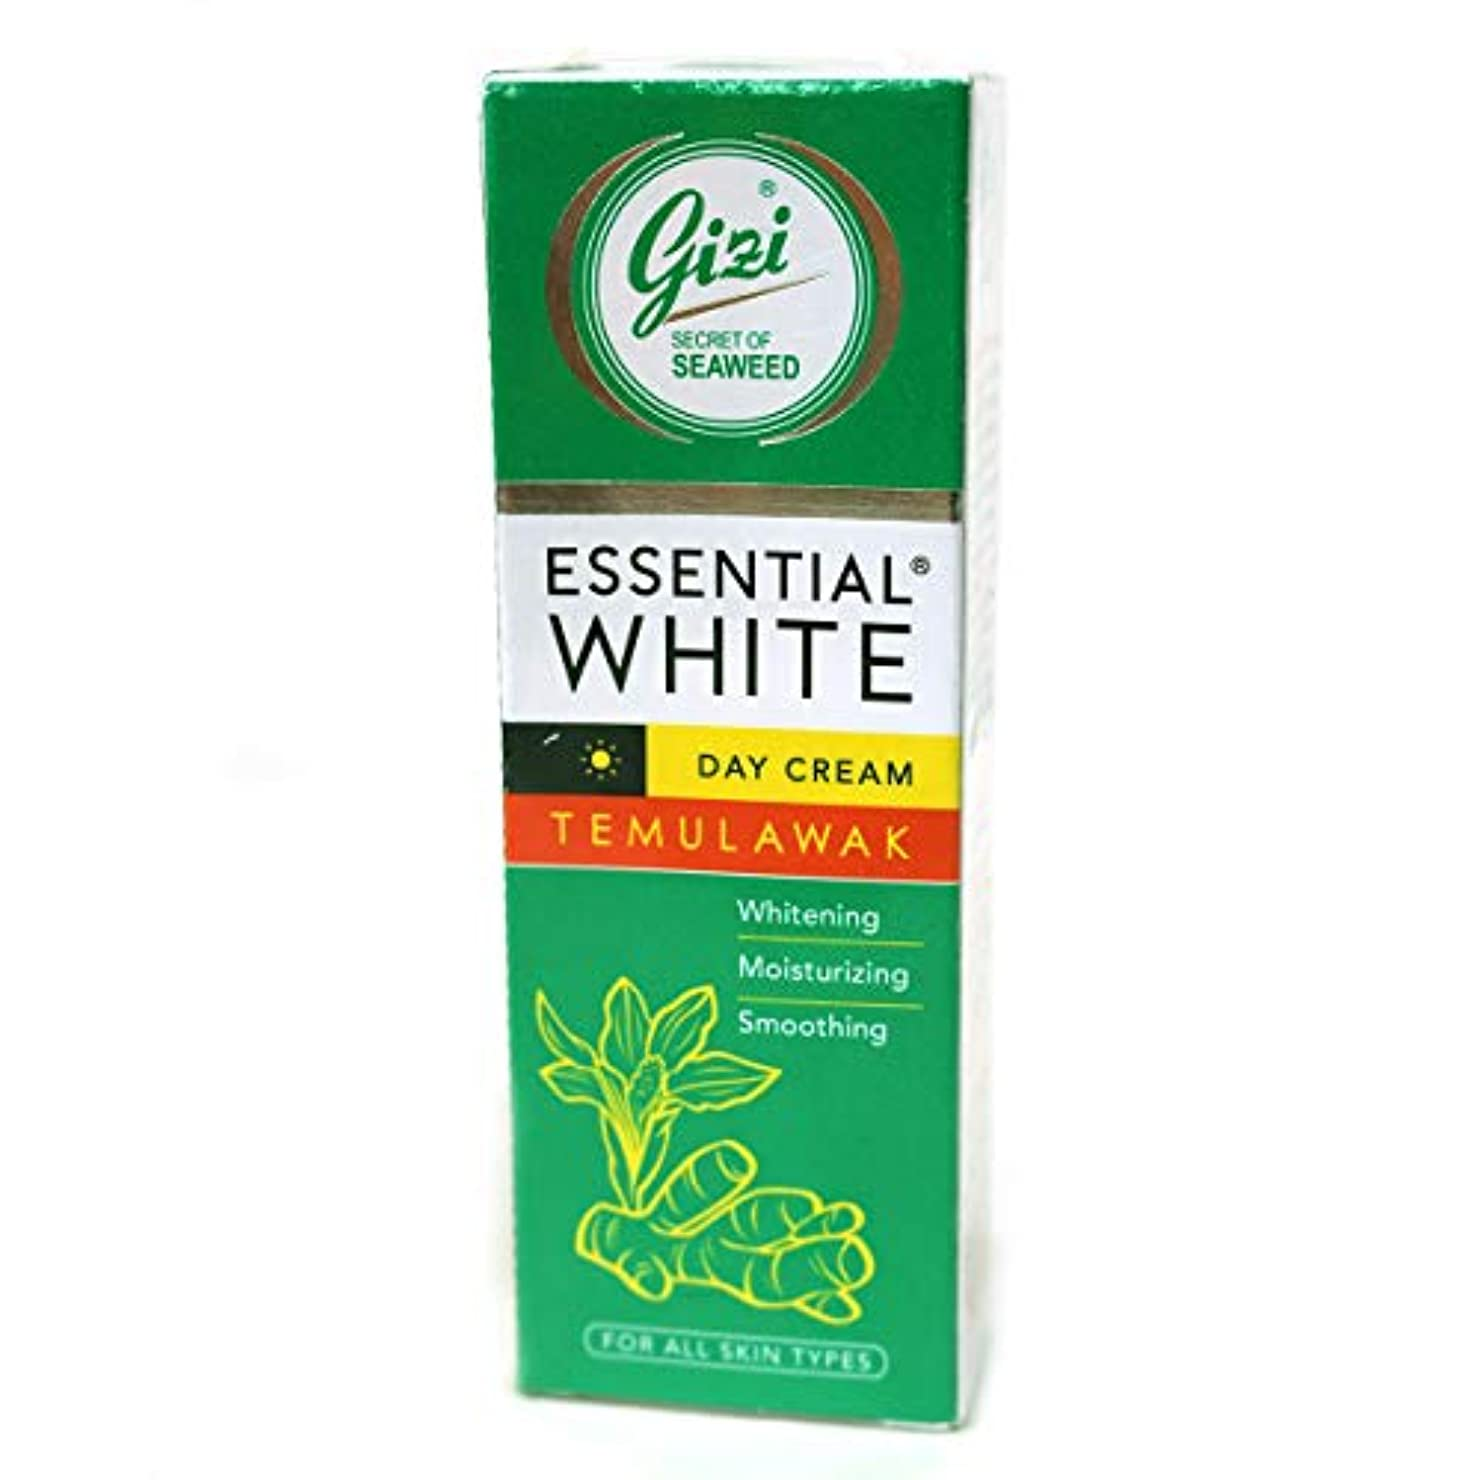 一口学校スライスギジ gizi Essential White 日中用スキンケアクリーム チューブタイプ 18g テムラワク ウコン など天然成分配合 [海外直送品]